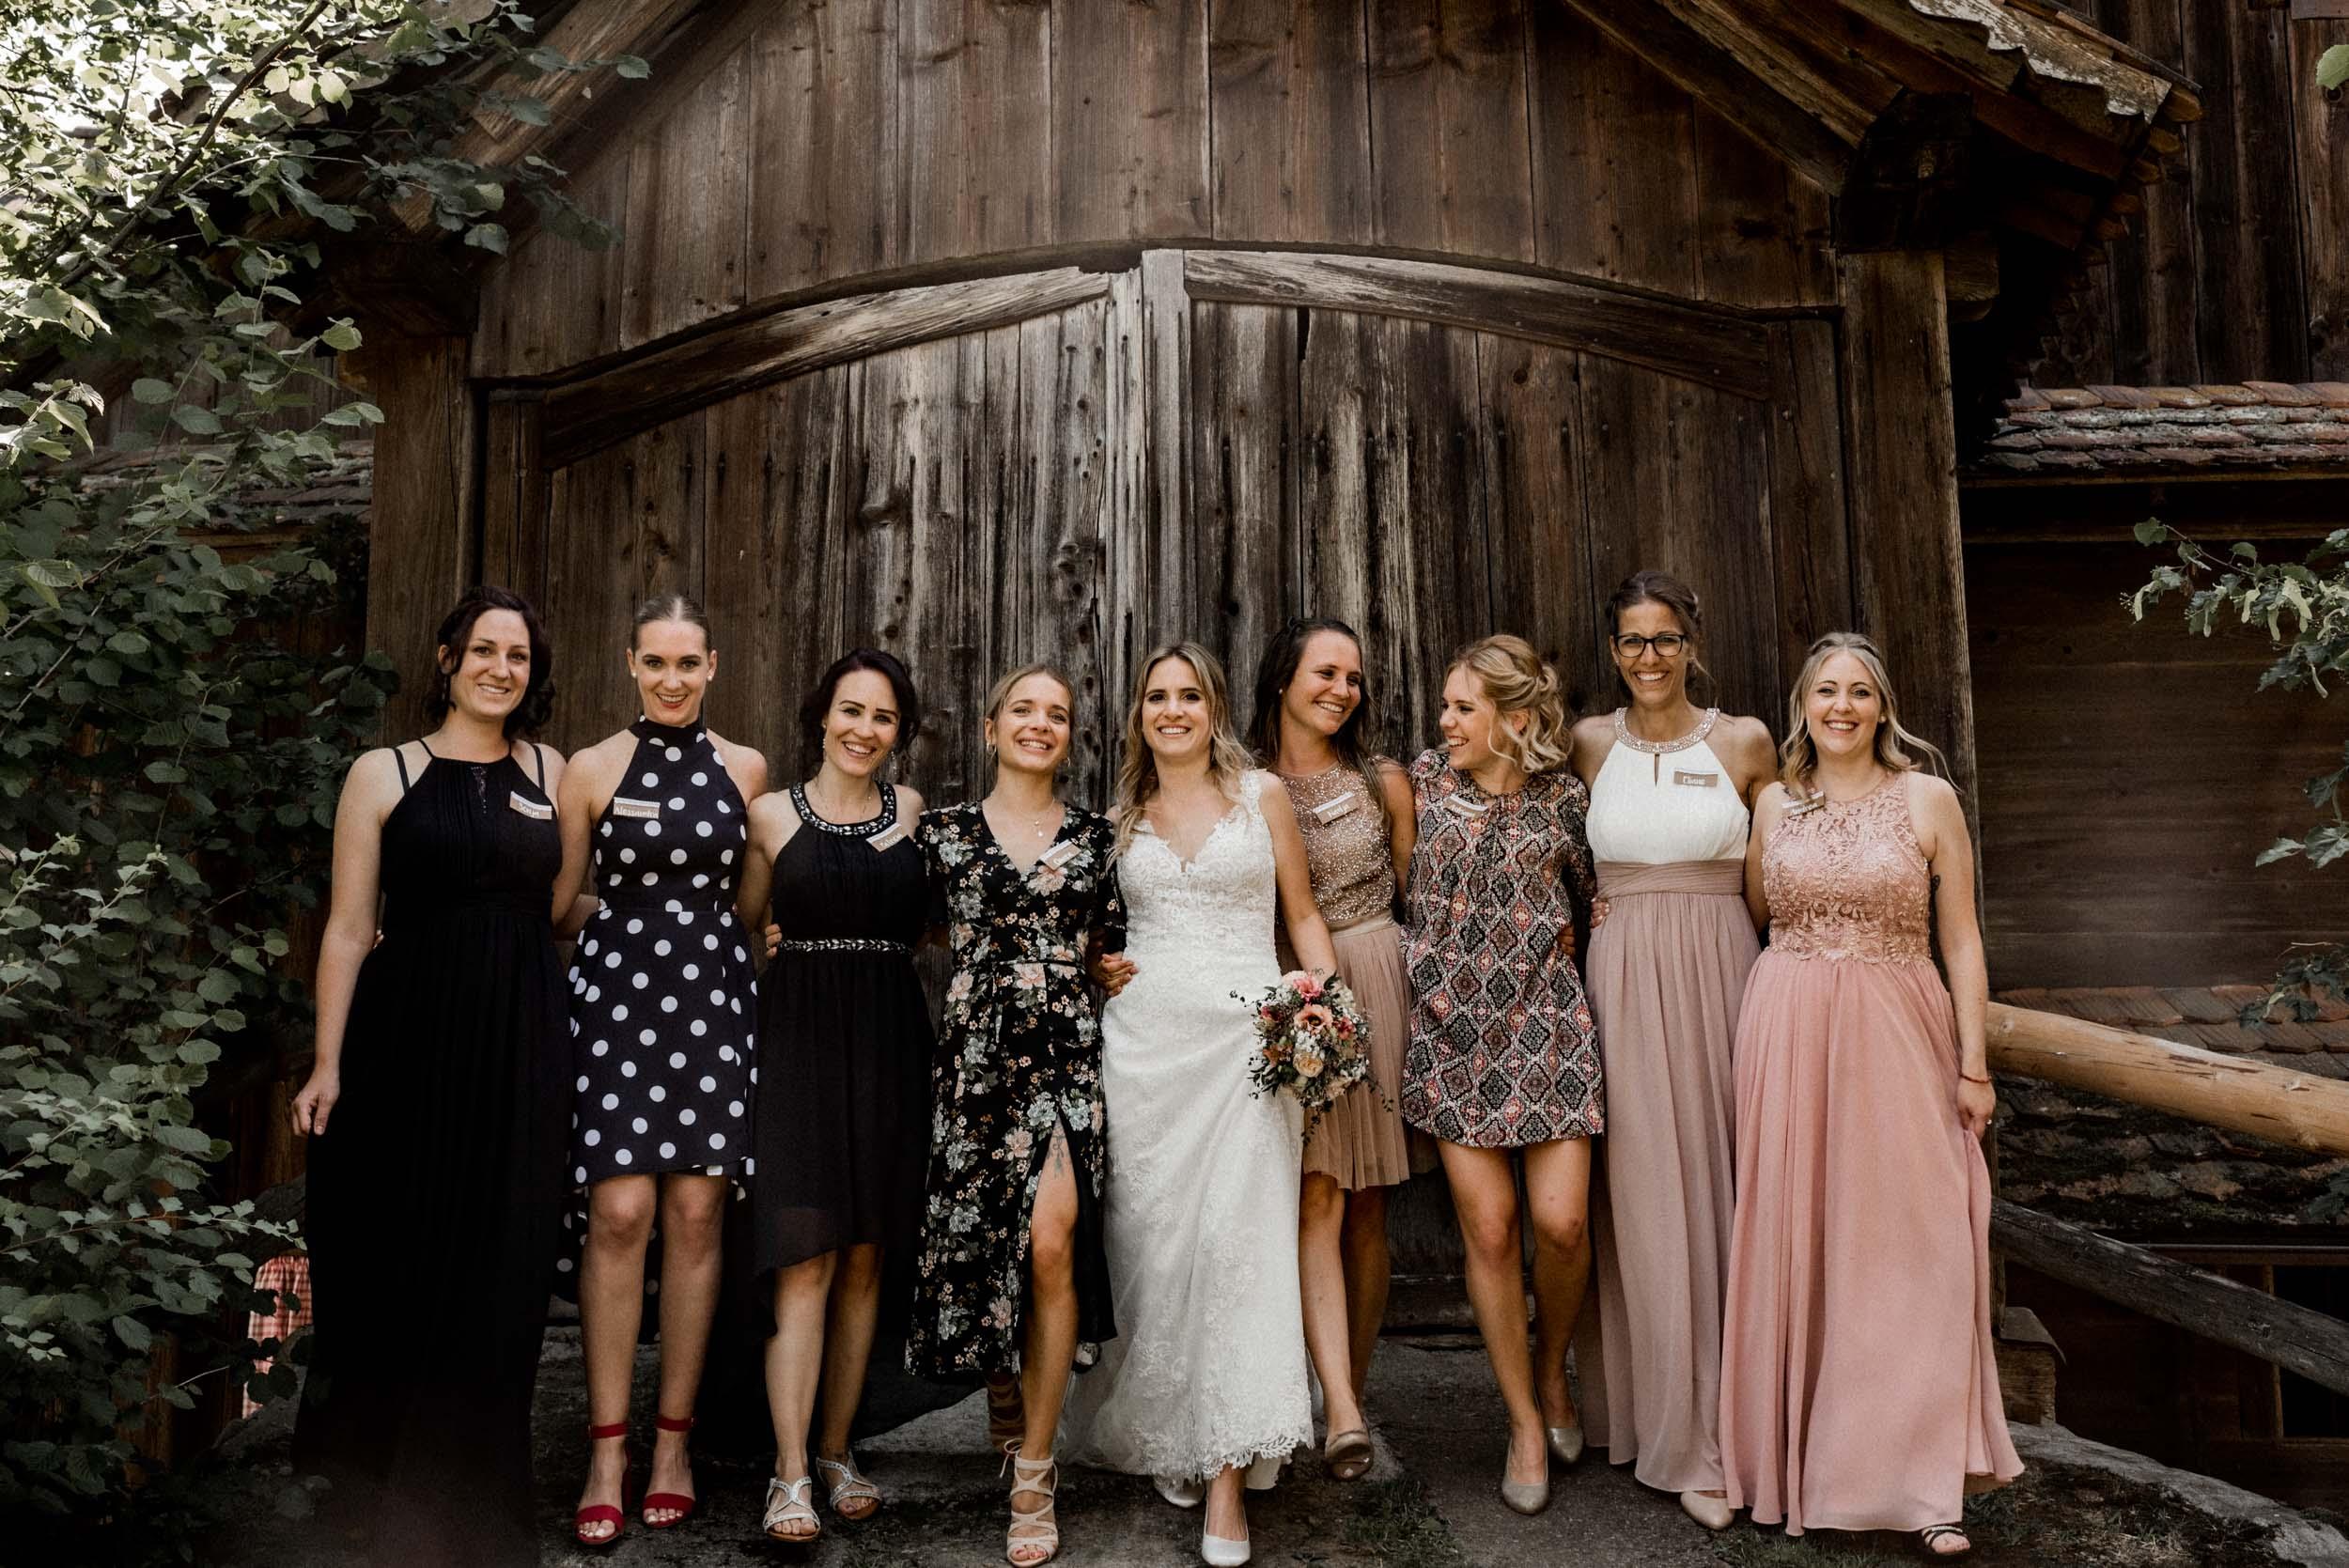 Hochzeitsreportage_Luzern_2019_18.jpg